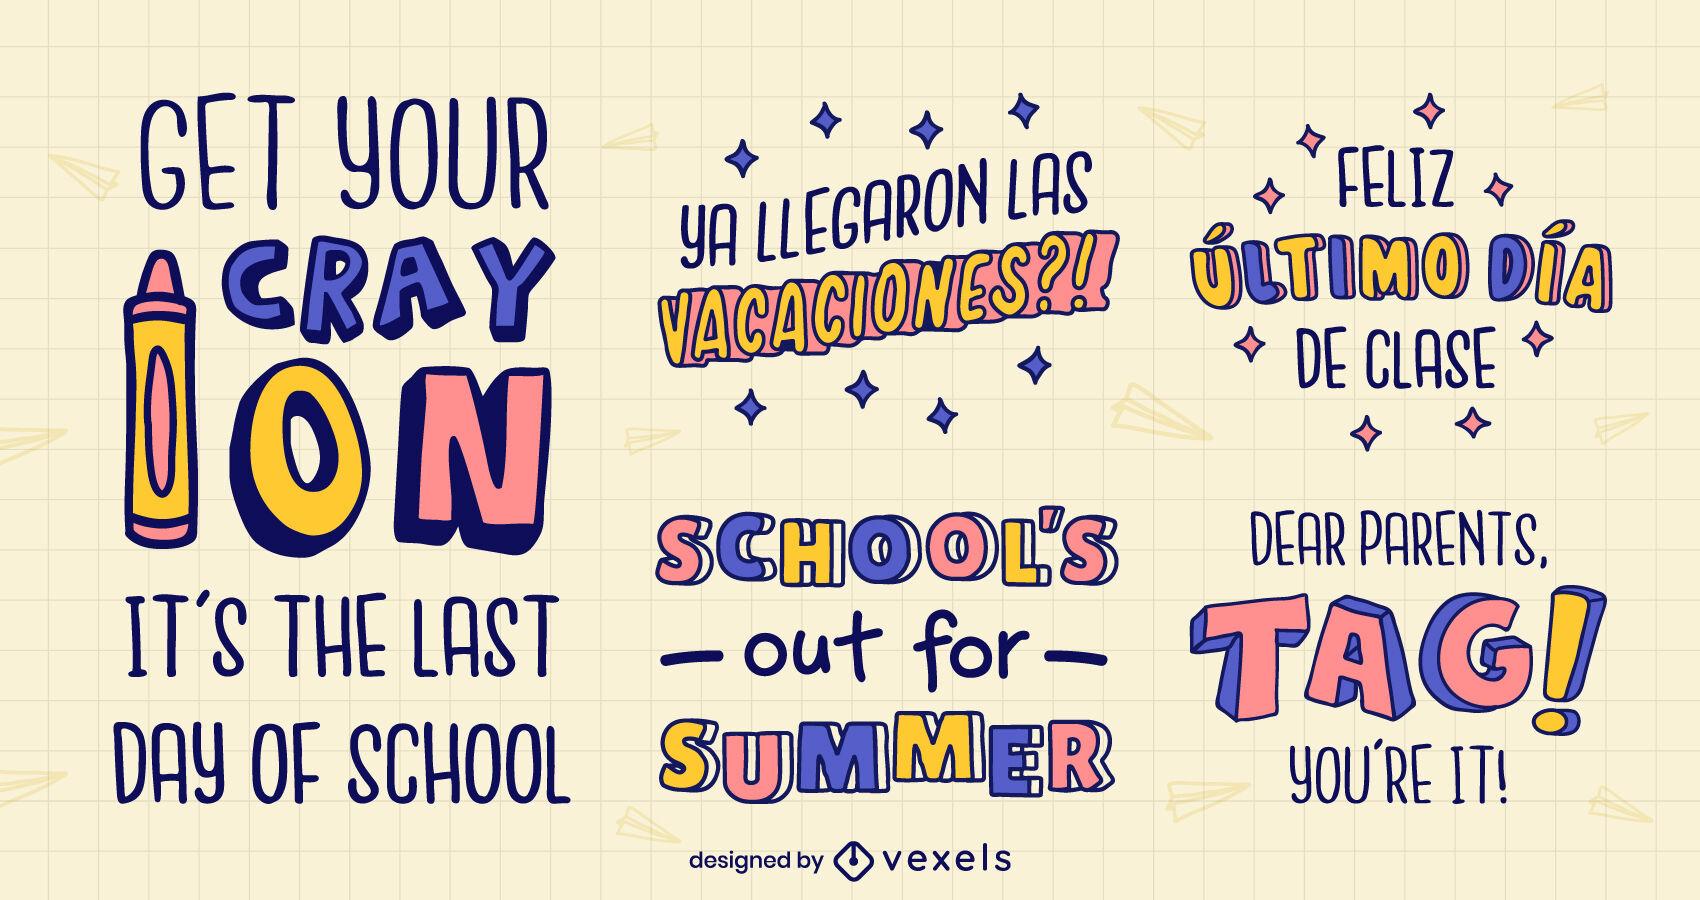 Vacaciones de vacaciones escolares conjunto de cotizaciones de insignias